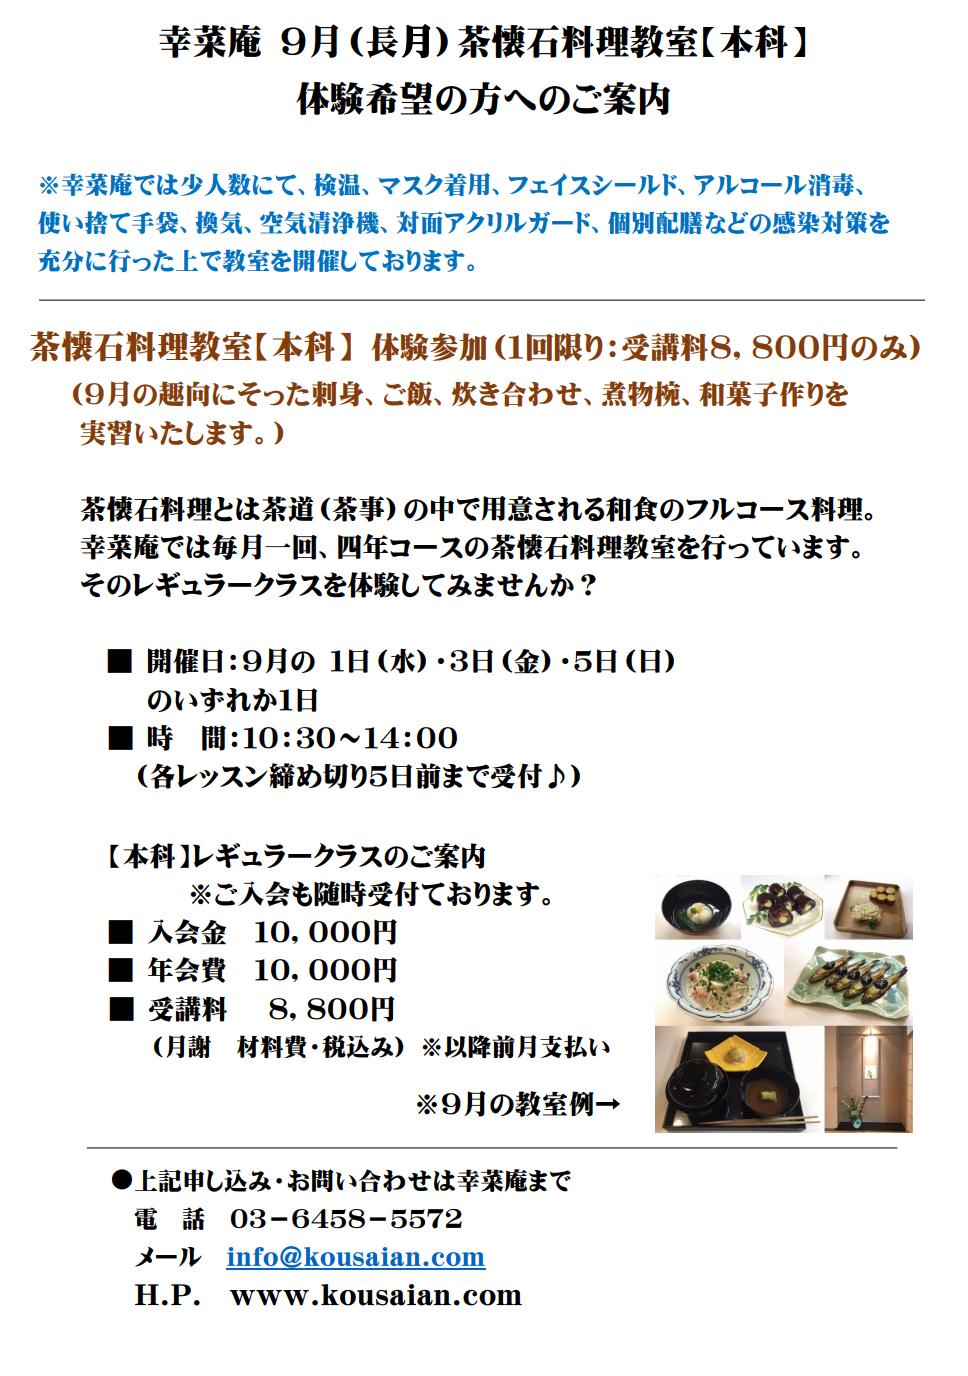 9月(長月)幸菜庵 茶懐石料理教室の体験参加ご案内